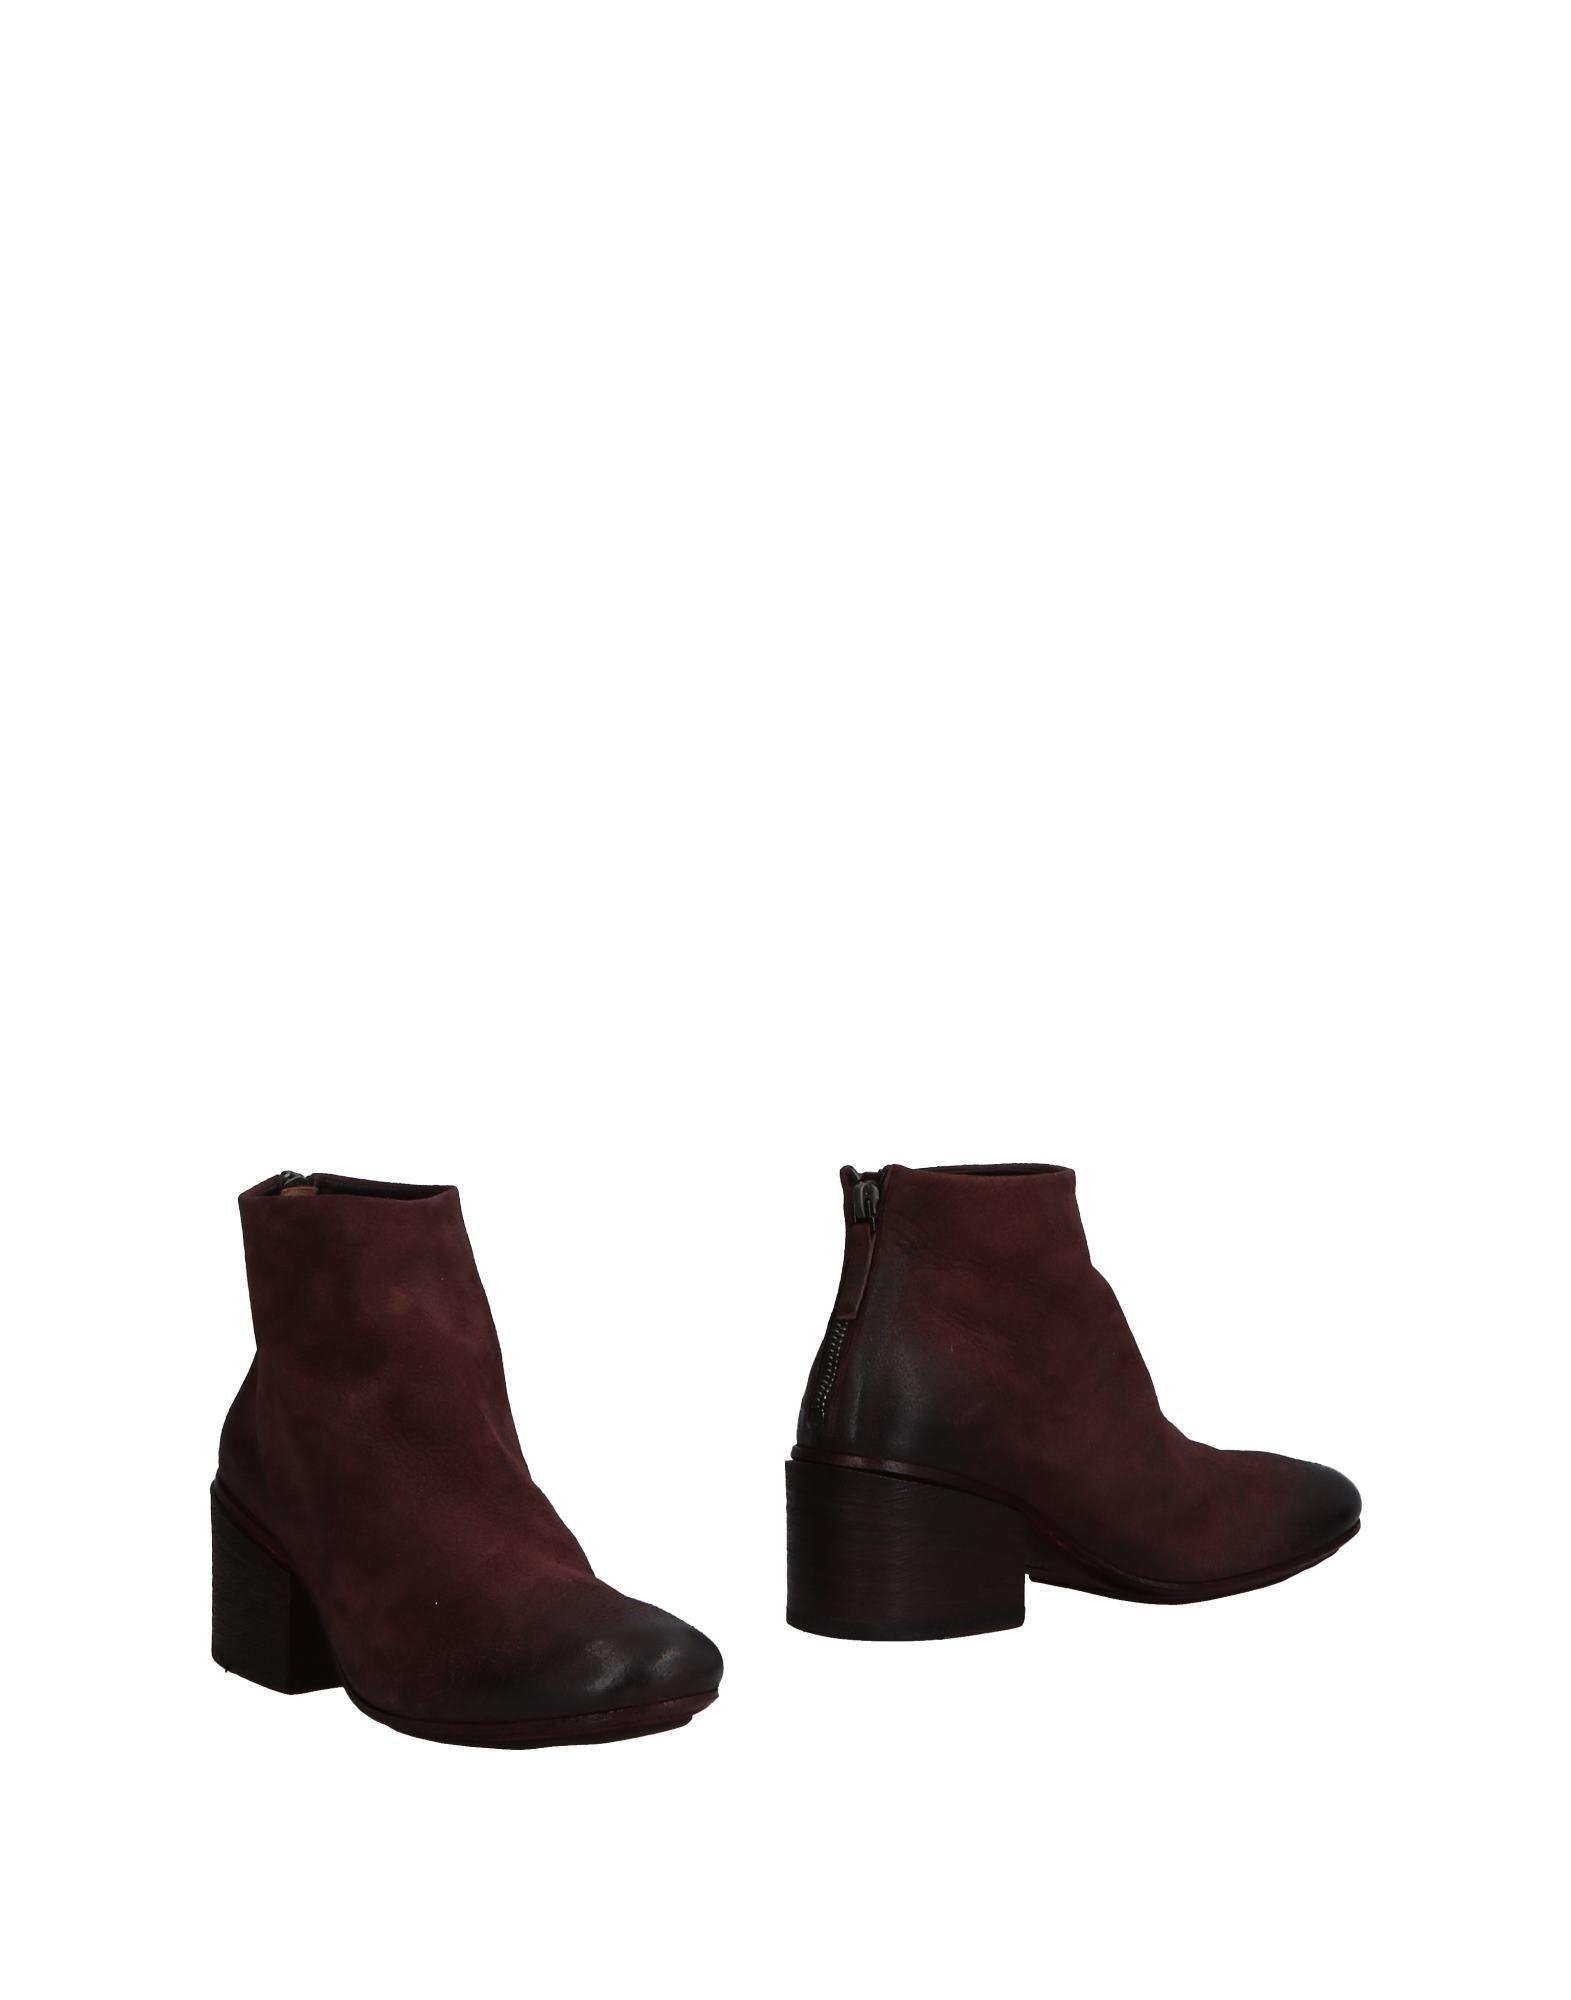 Marsèll gut Stiefelette Damen  11505425XGGünstige gut Marsèll aussehende Schuhe 2046e5